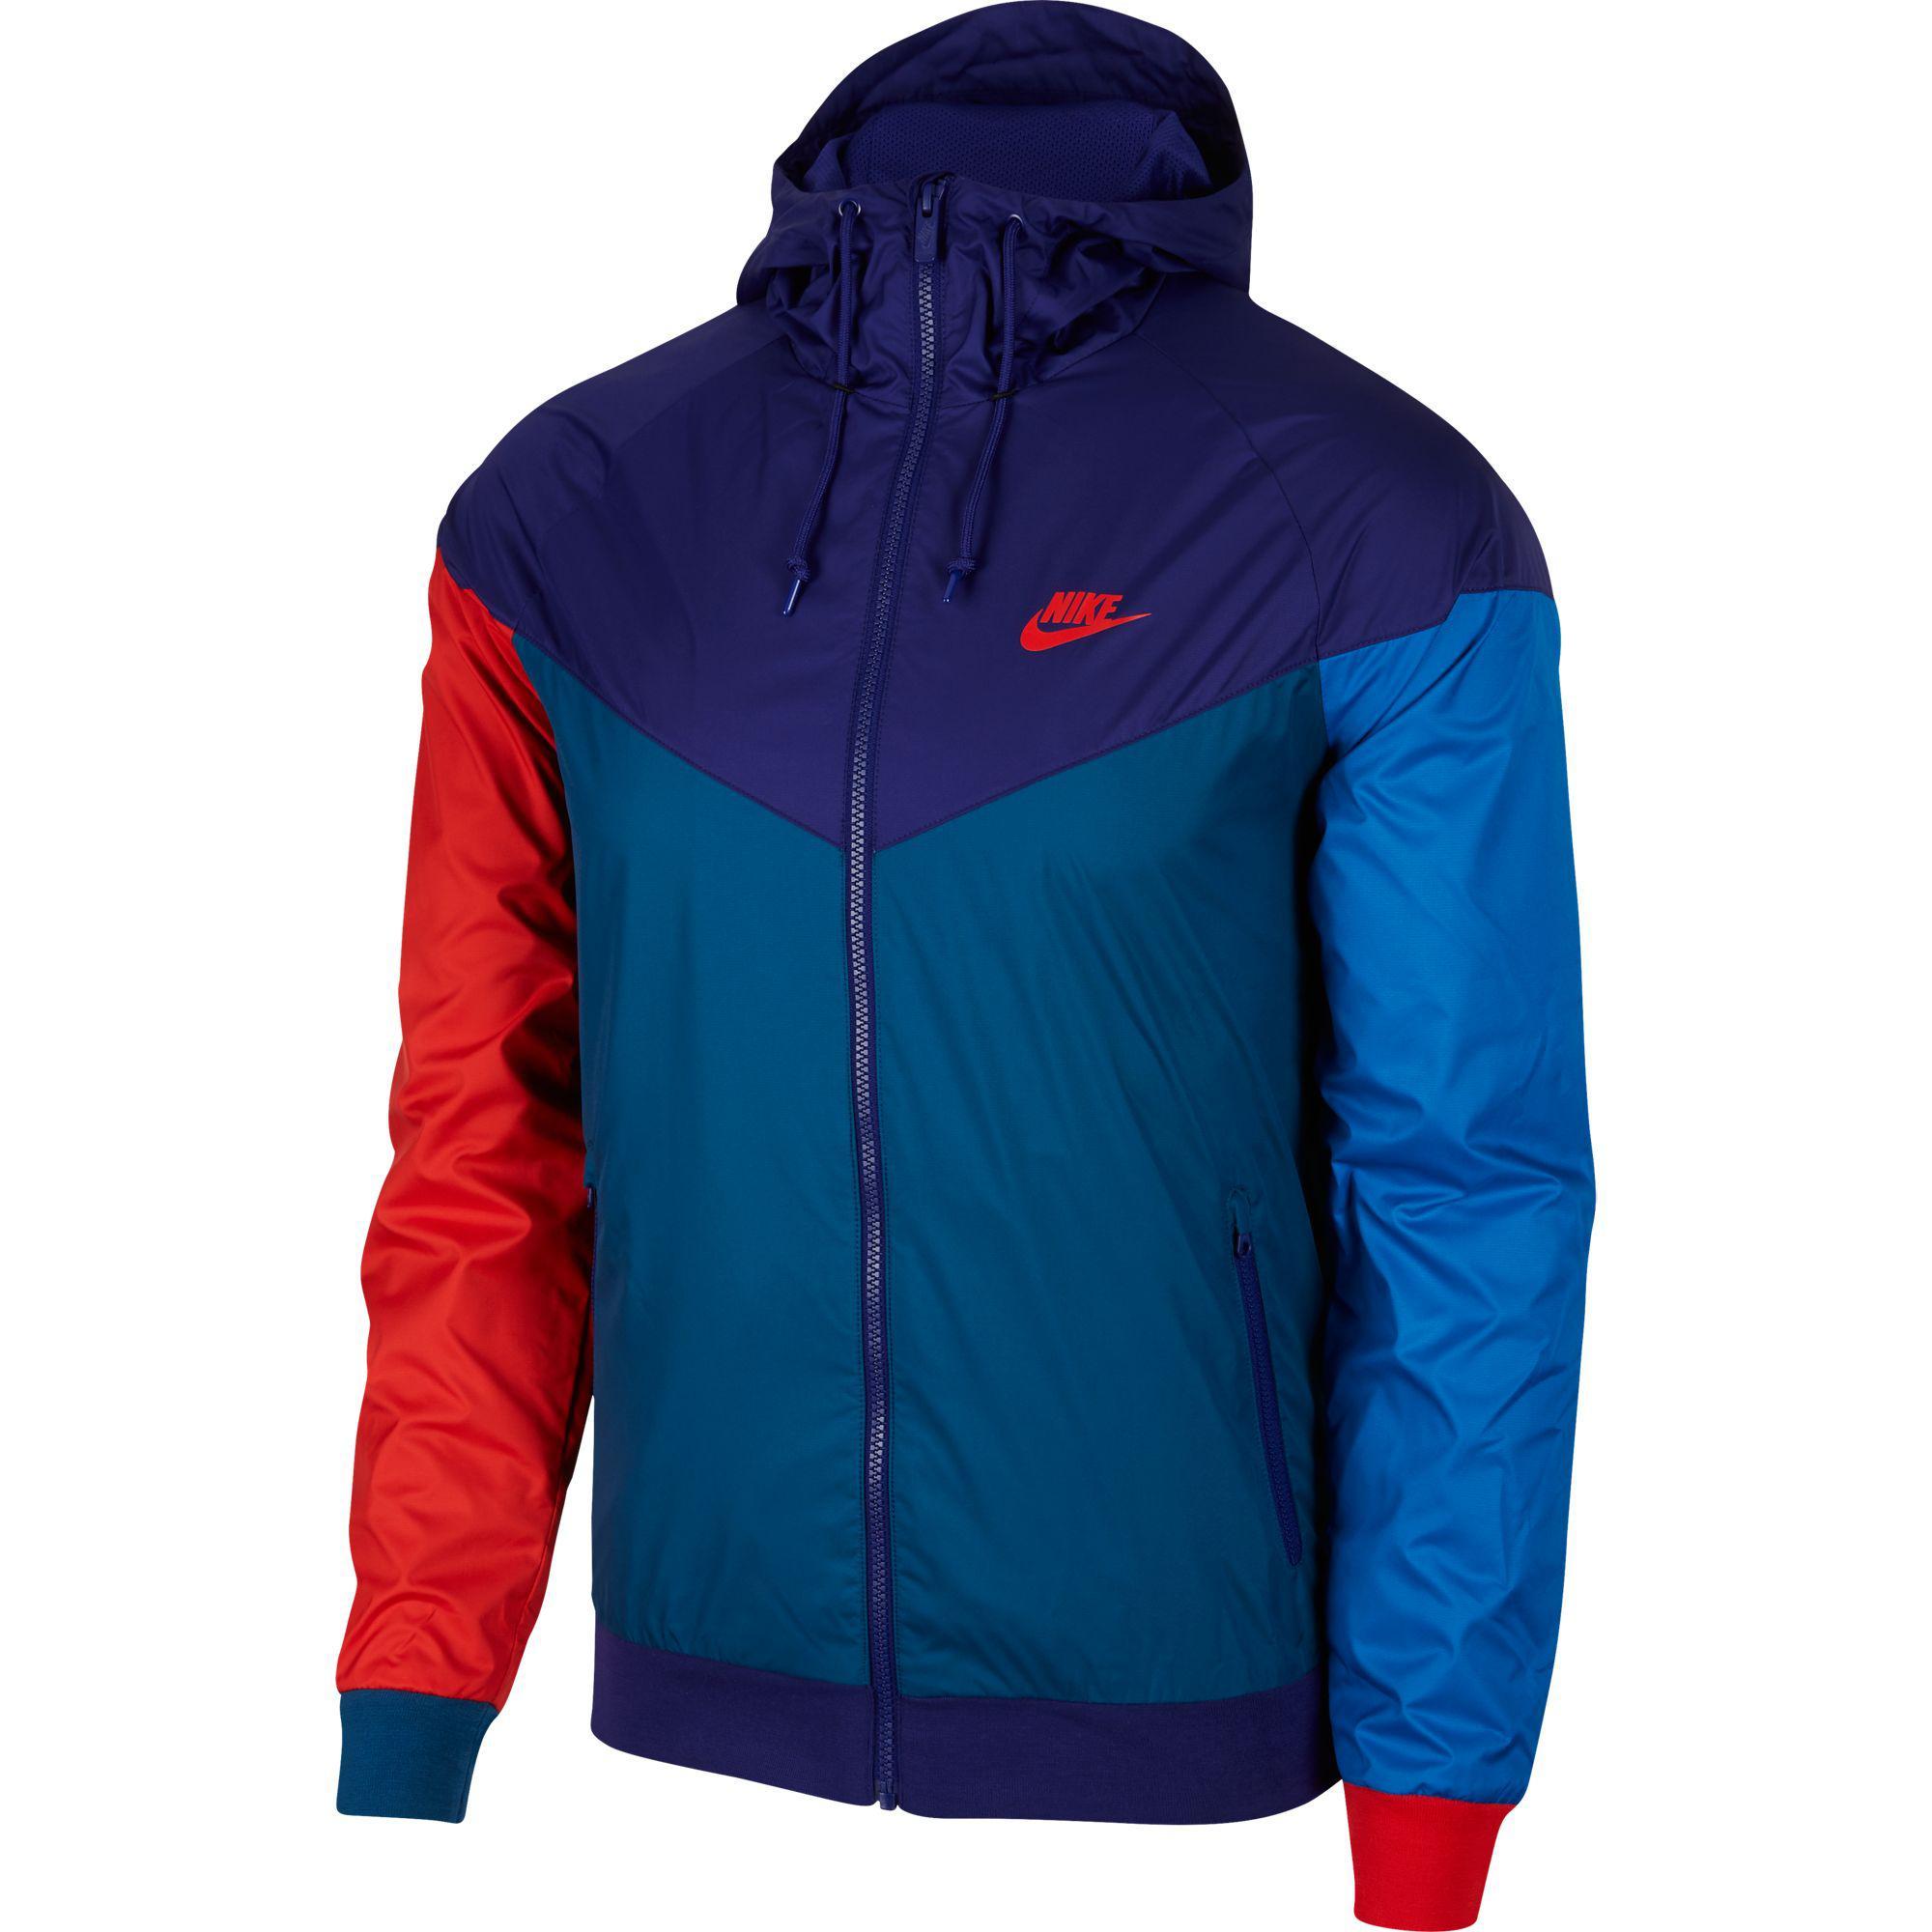 dbb7ea9c01 Nike - Multicolor Windrunner Full Zip Jacket for Men - Lyst